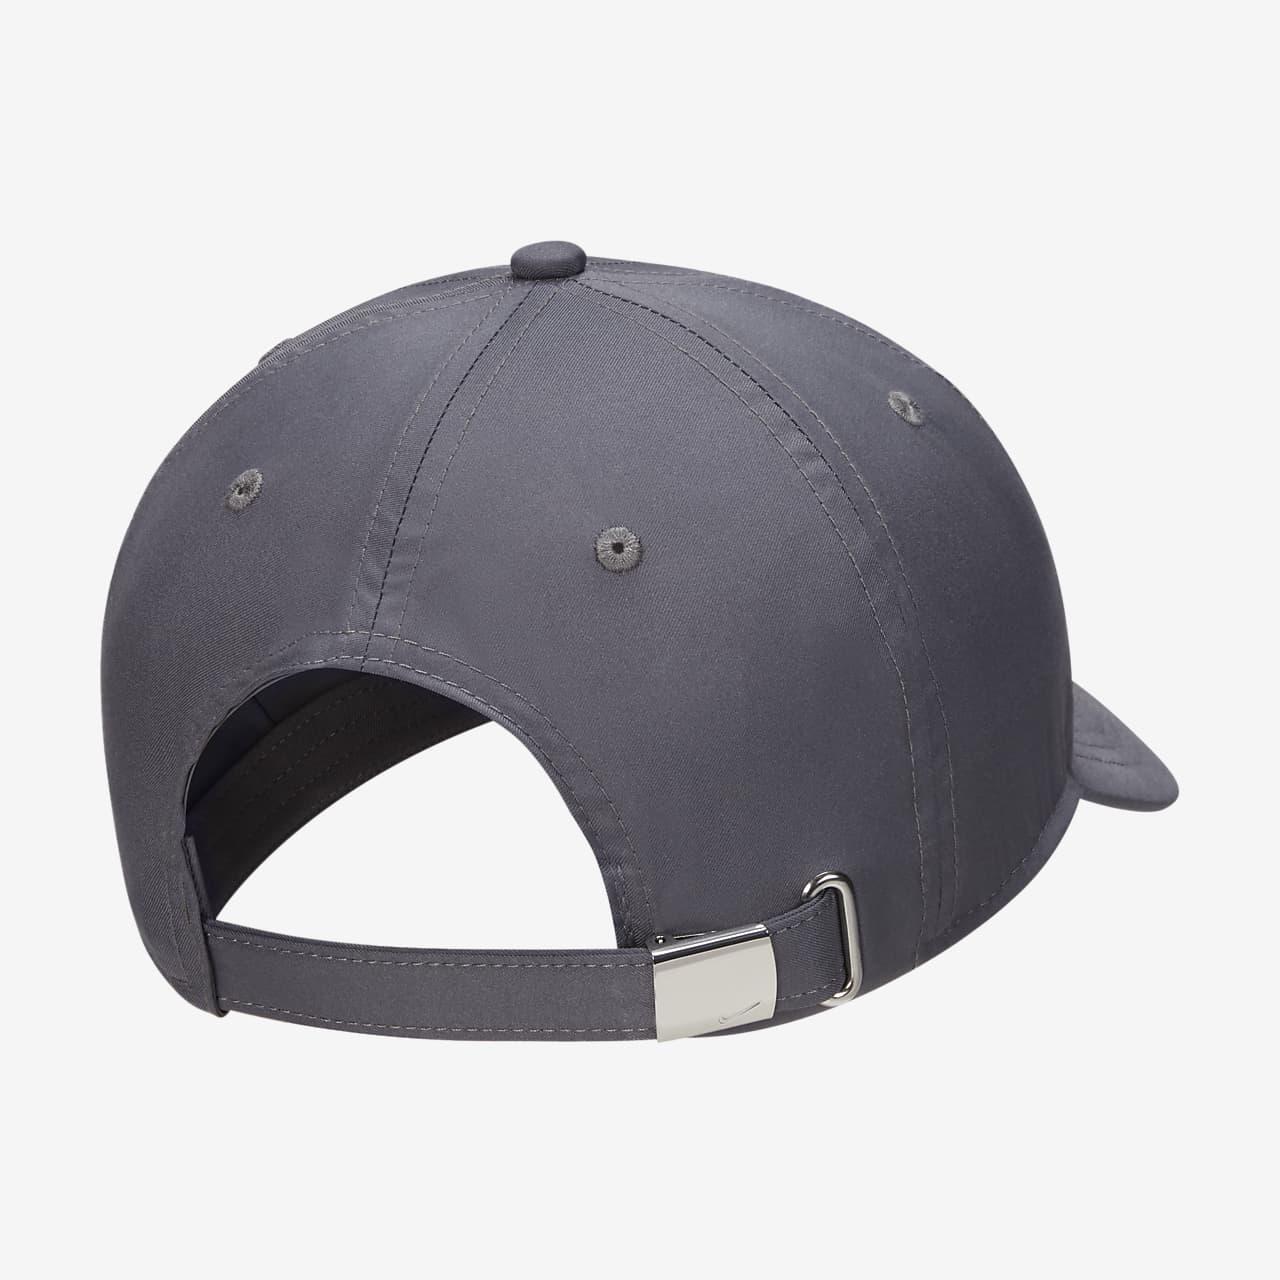 9d097af6fba Nike Metal Swoosh H86 Adjustable Hat. Nike.com GB